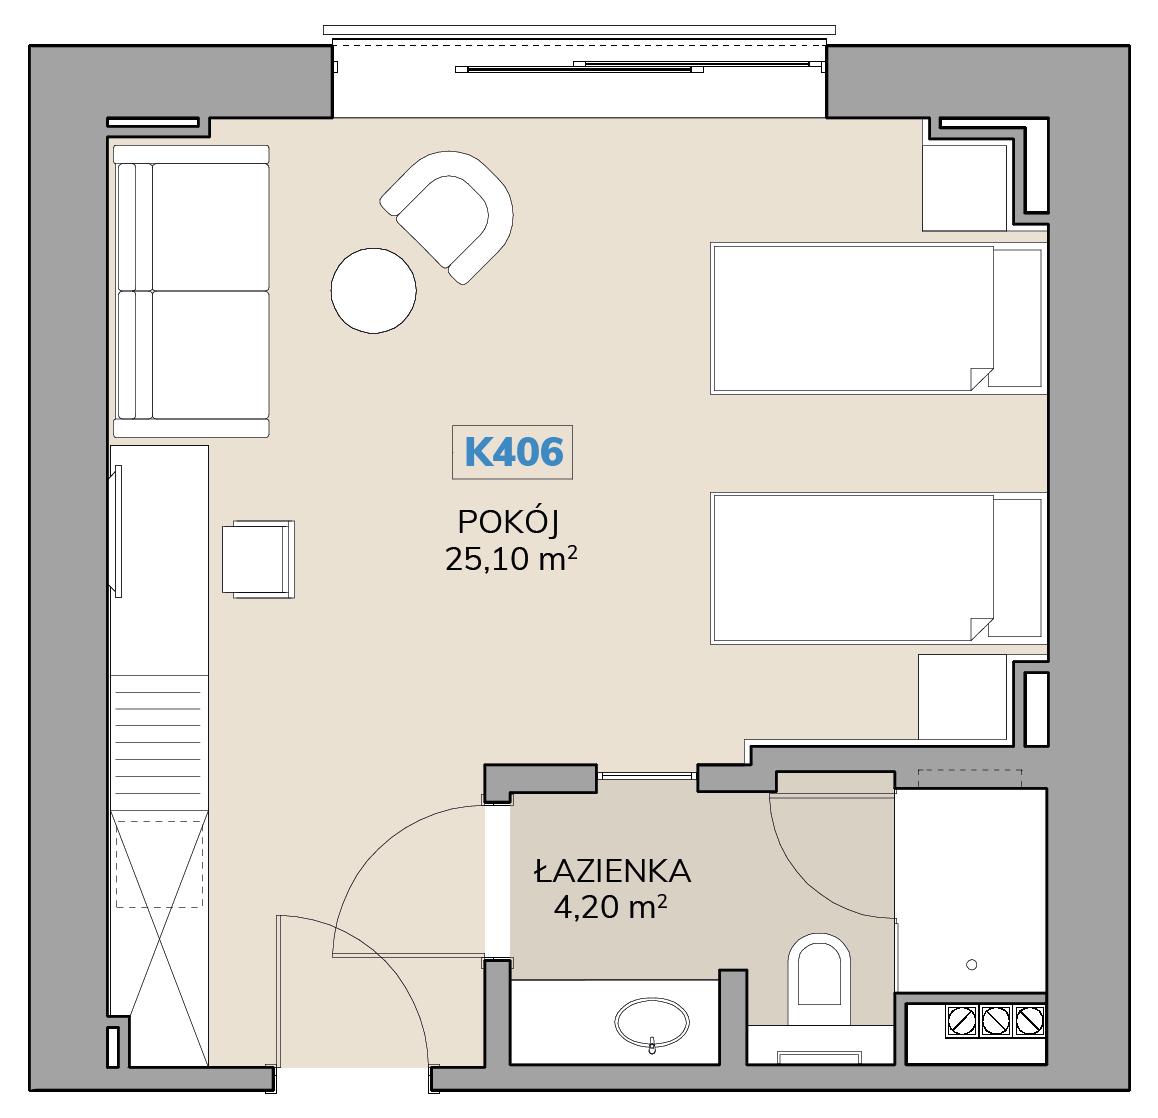 Apartament K406